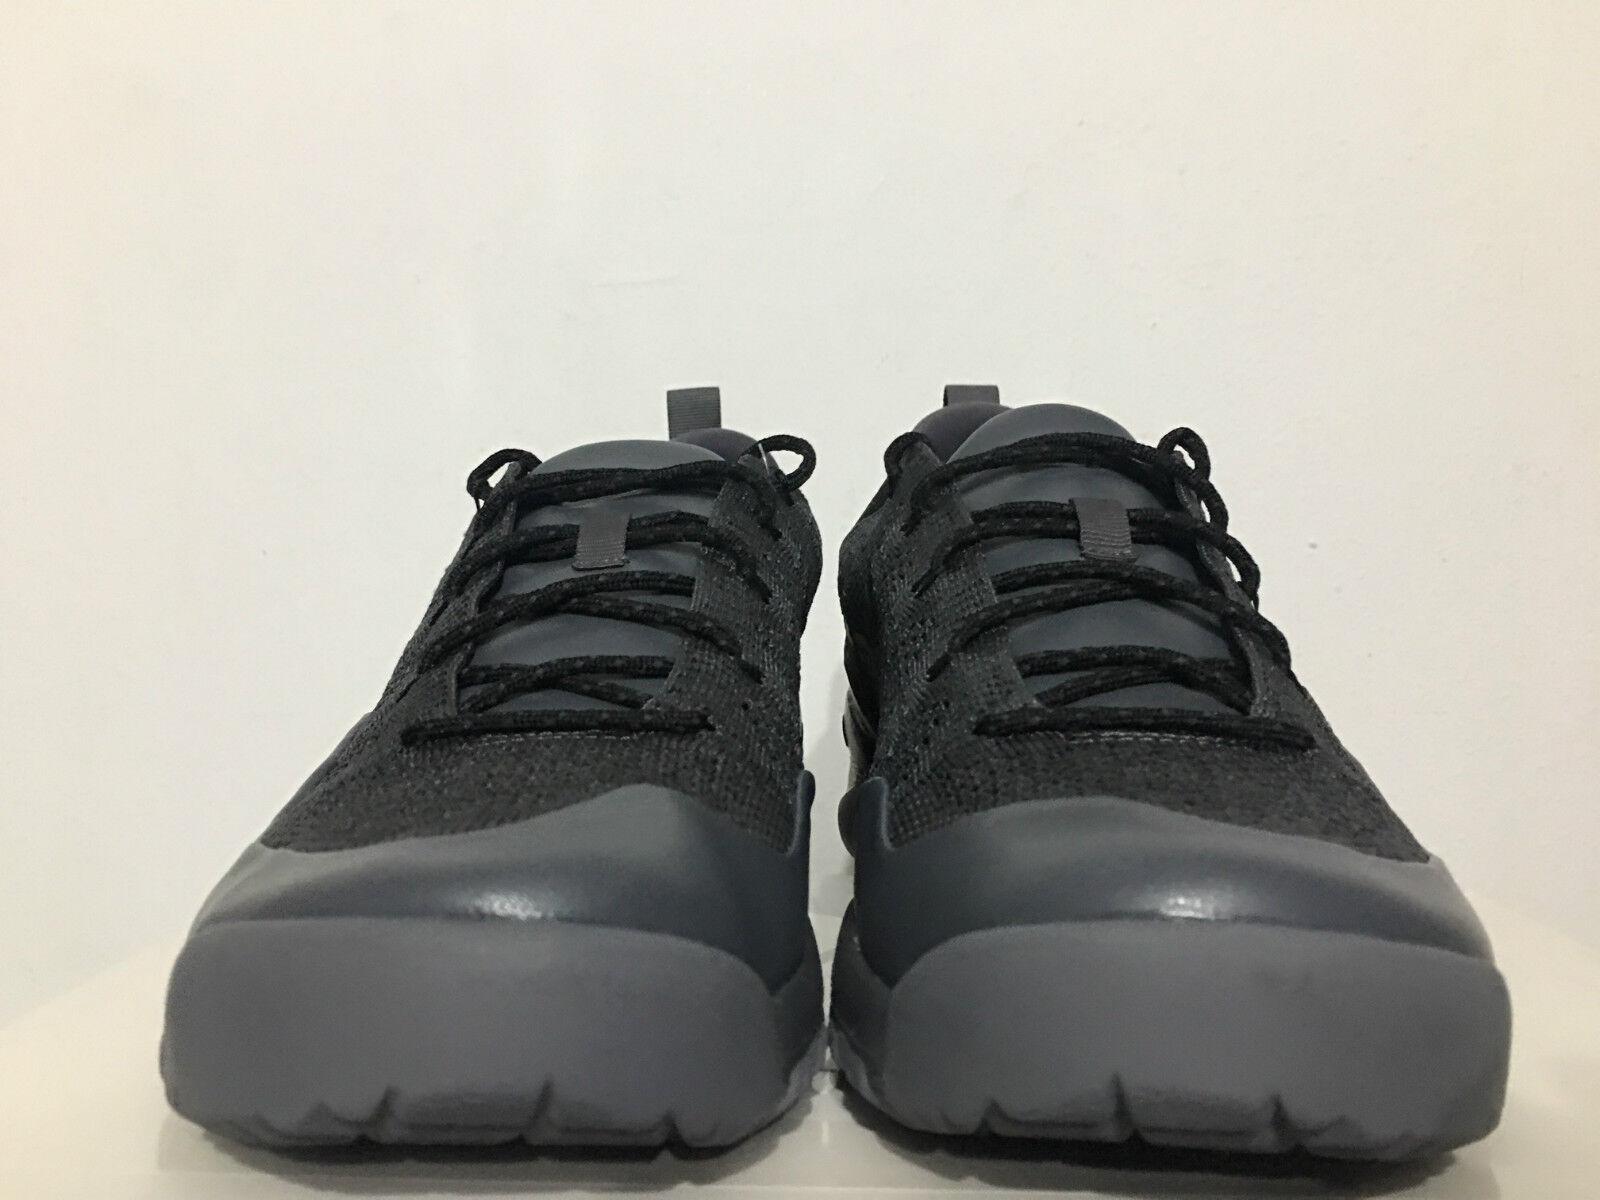 Nike lupinek flyknit niedrigen proben proben proben dunkle cool grau - schwarze segel sz 10 934108